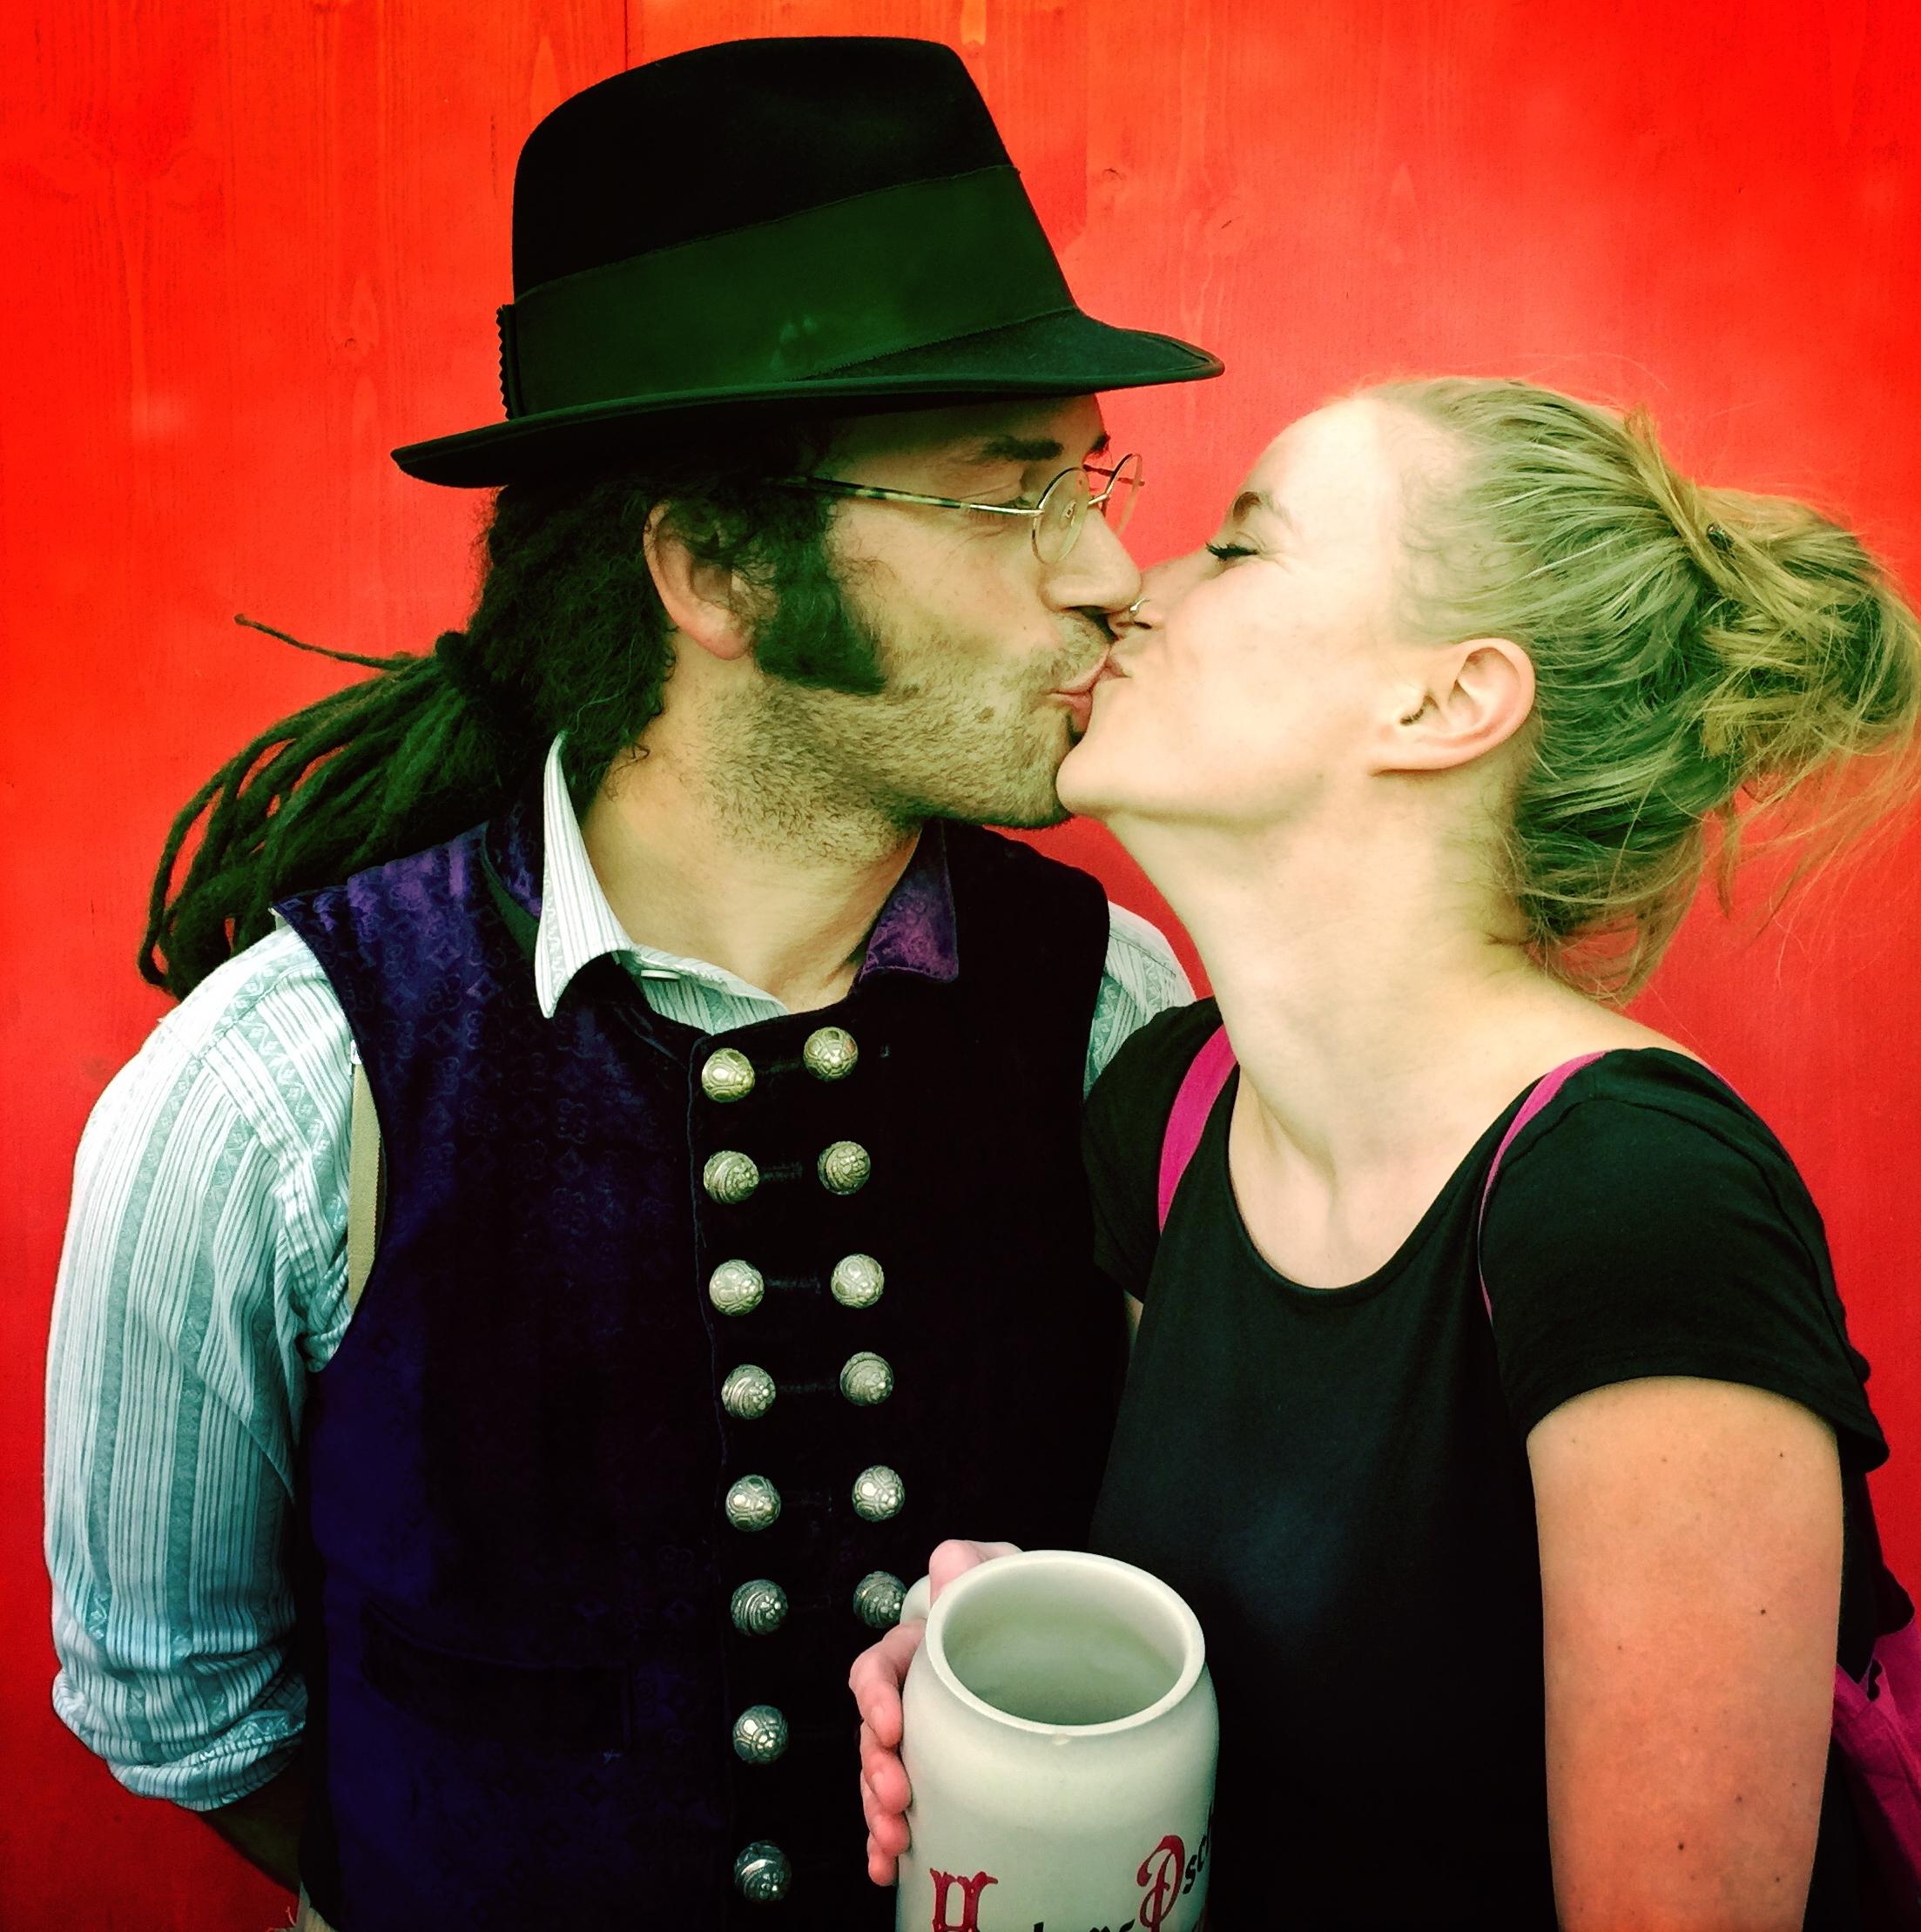 Wastl Meier & Sophie Rastl